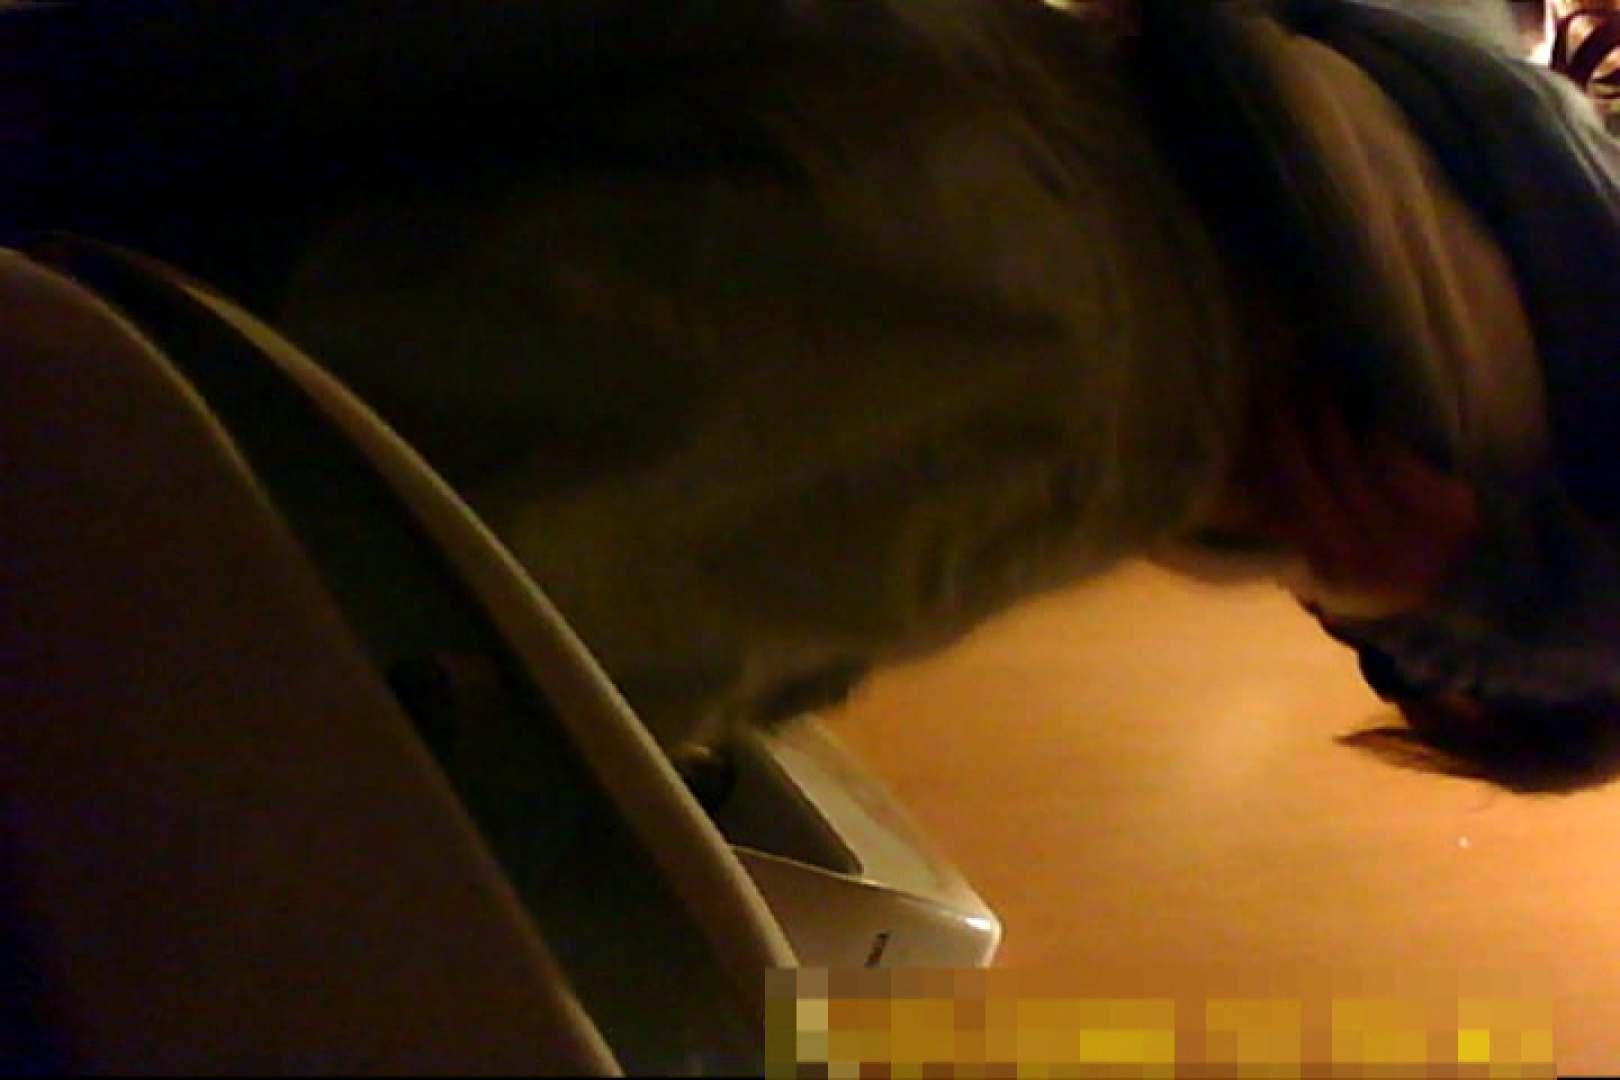 魅惑の化粧室~禁断のプライベート空間~27 丸見えマンコ 隠し撮りオマンコ動画紹介 106PIX 71